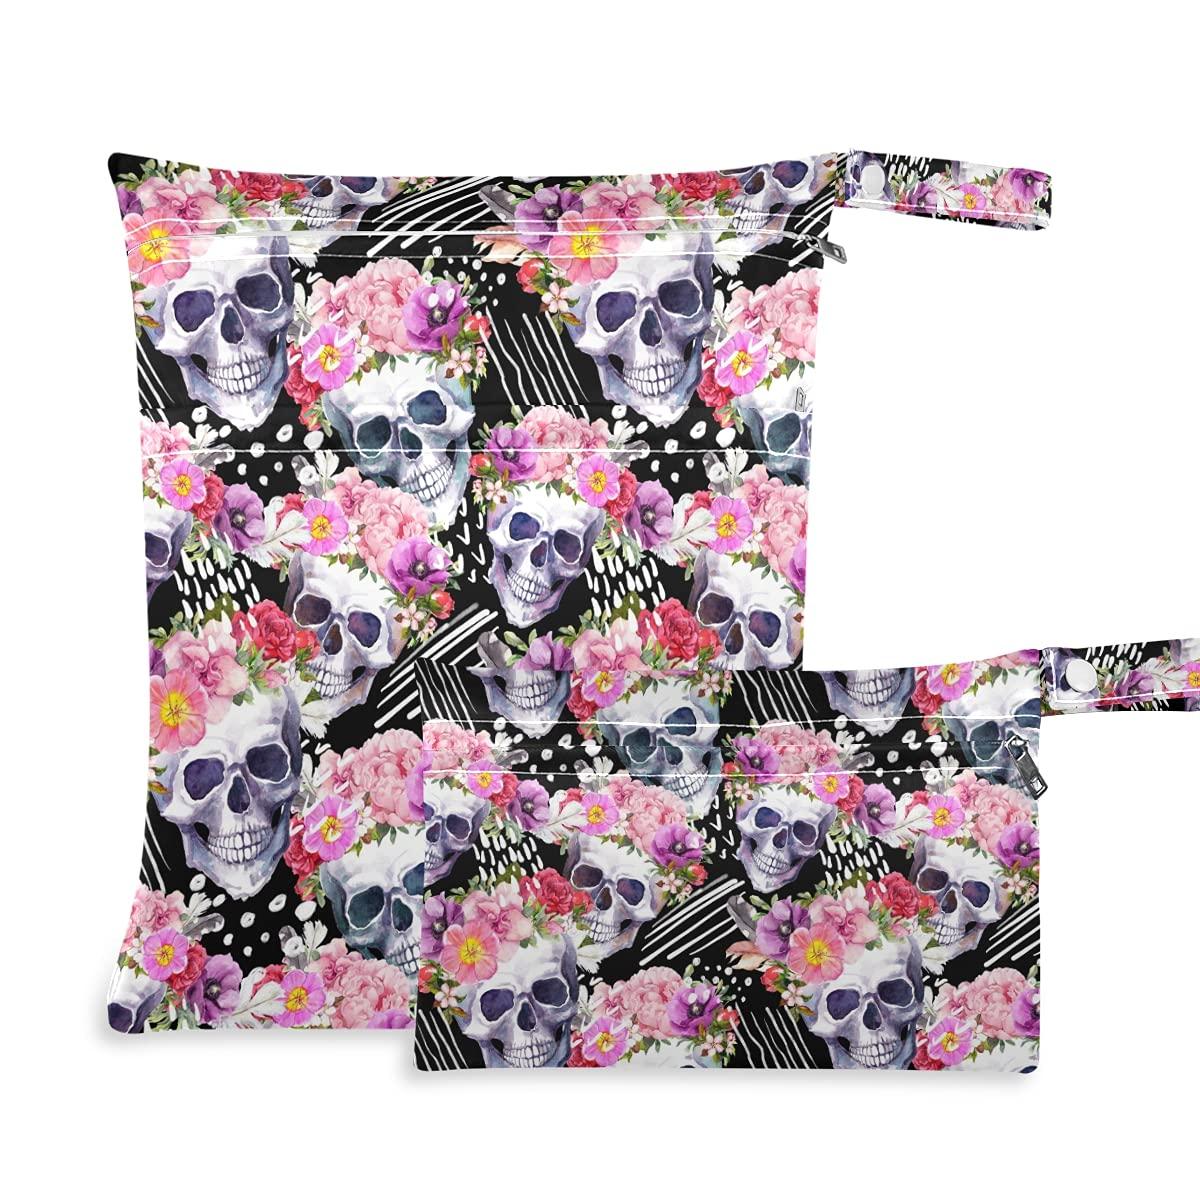 Regular dealer Skulls Very popular! Flowers Wet Dry Bag Diaper Swimsuits for Reusable